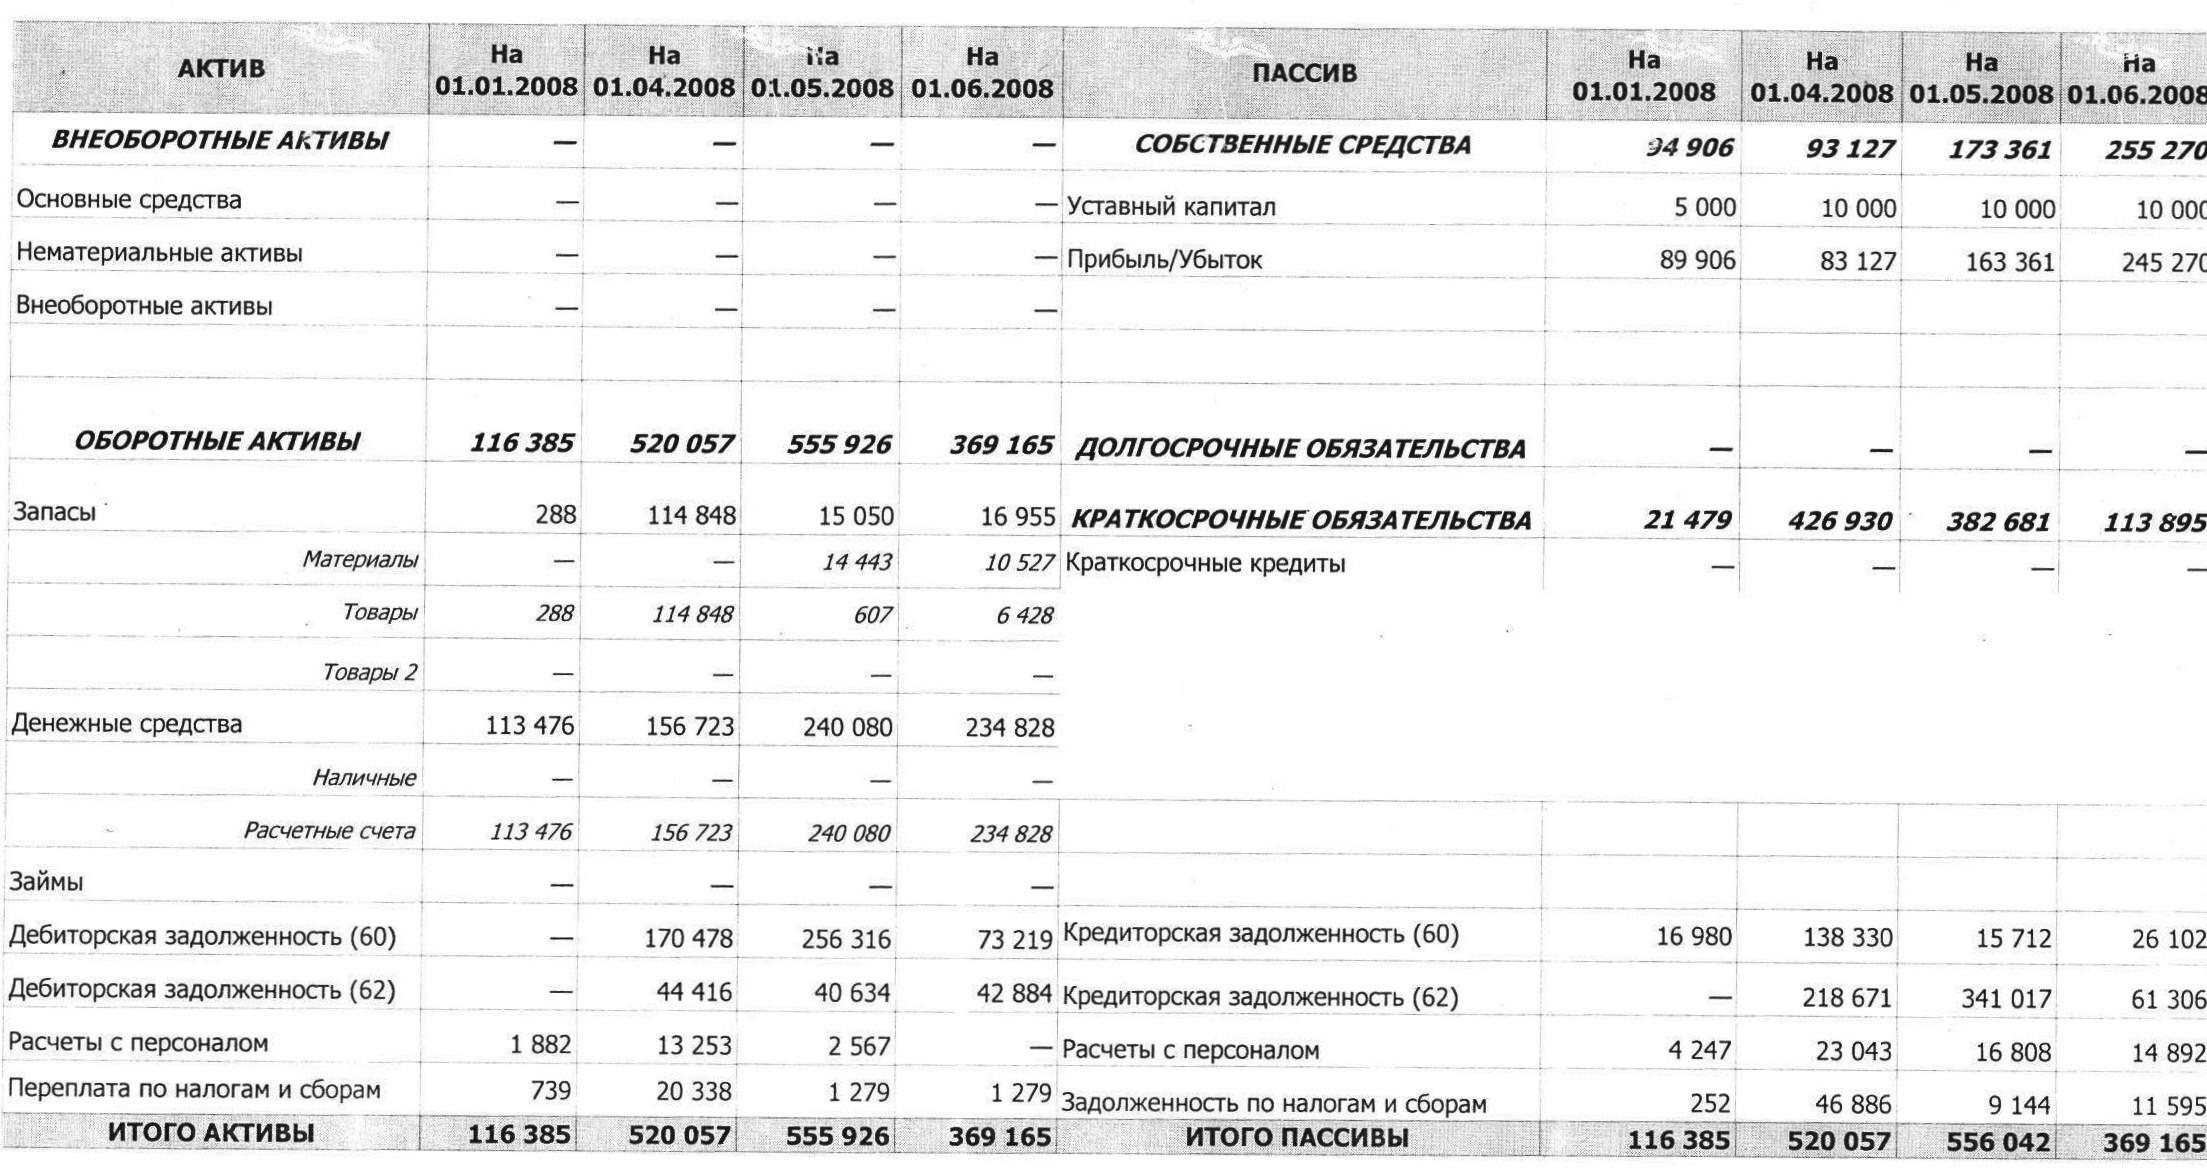 проценты по займам в балансе в строке